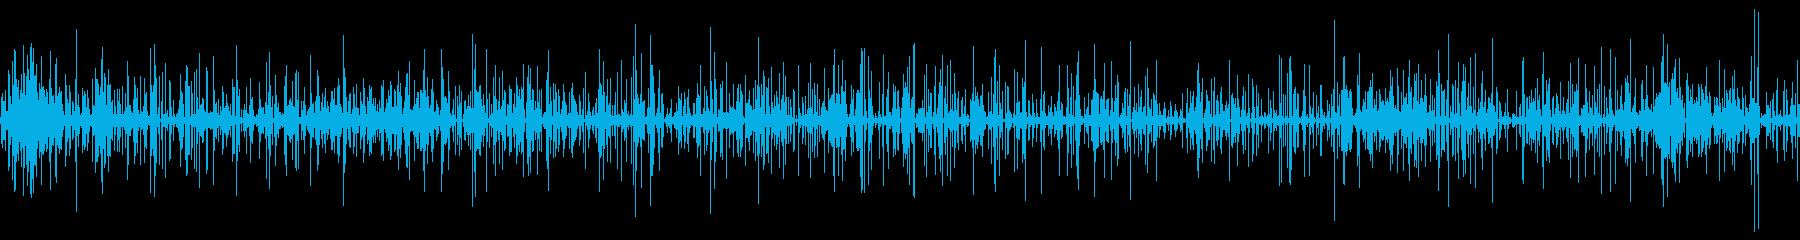 アセテート転写ディスク:78 RP...の再生済みの波形